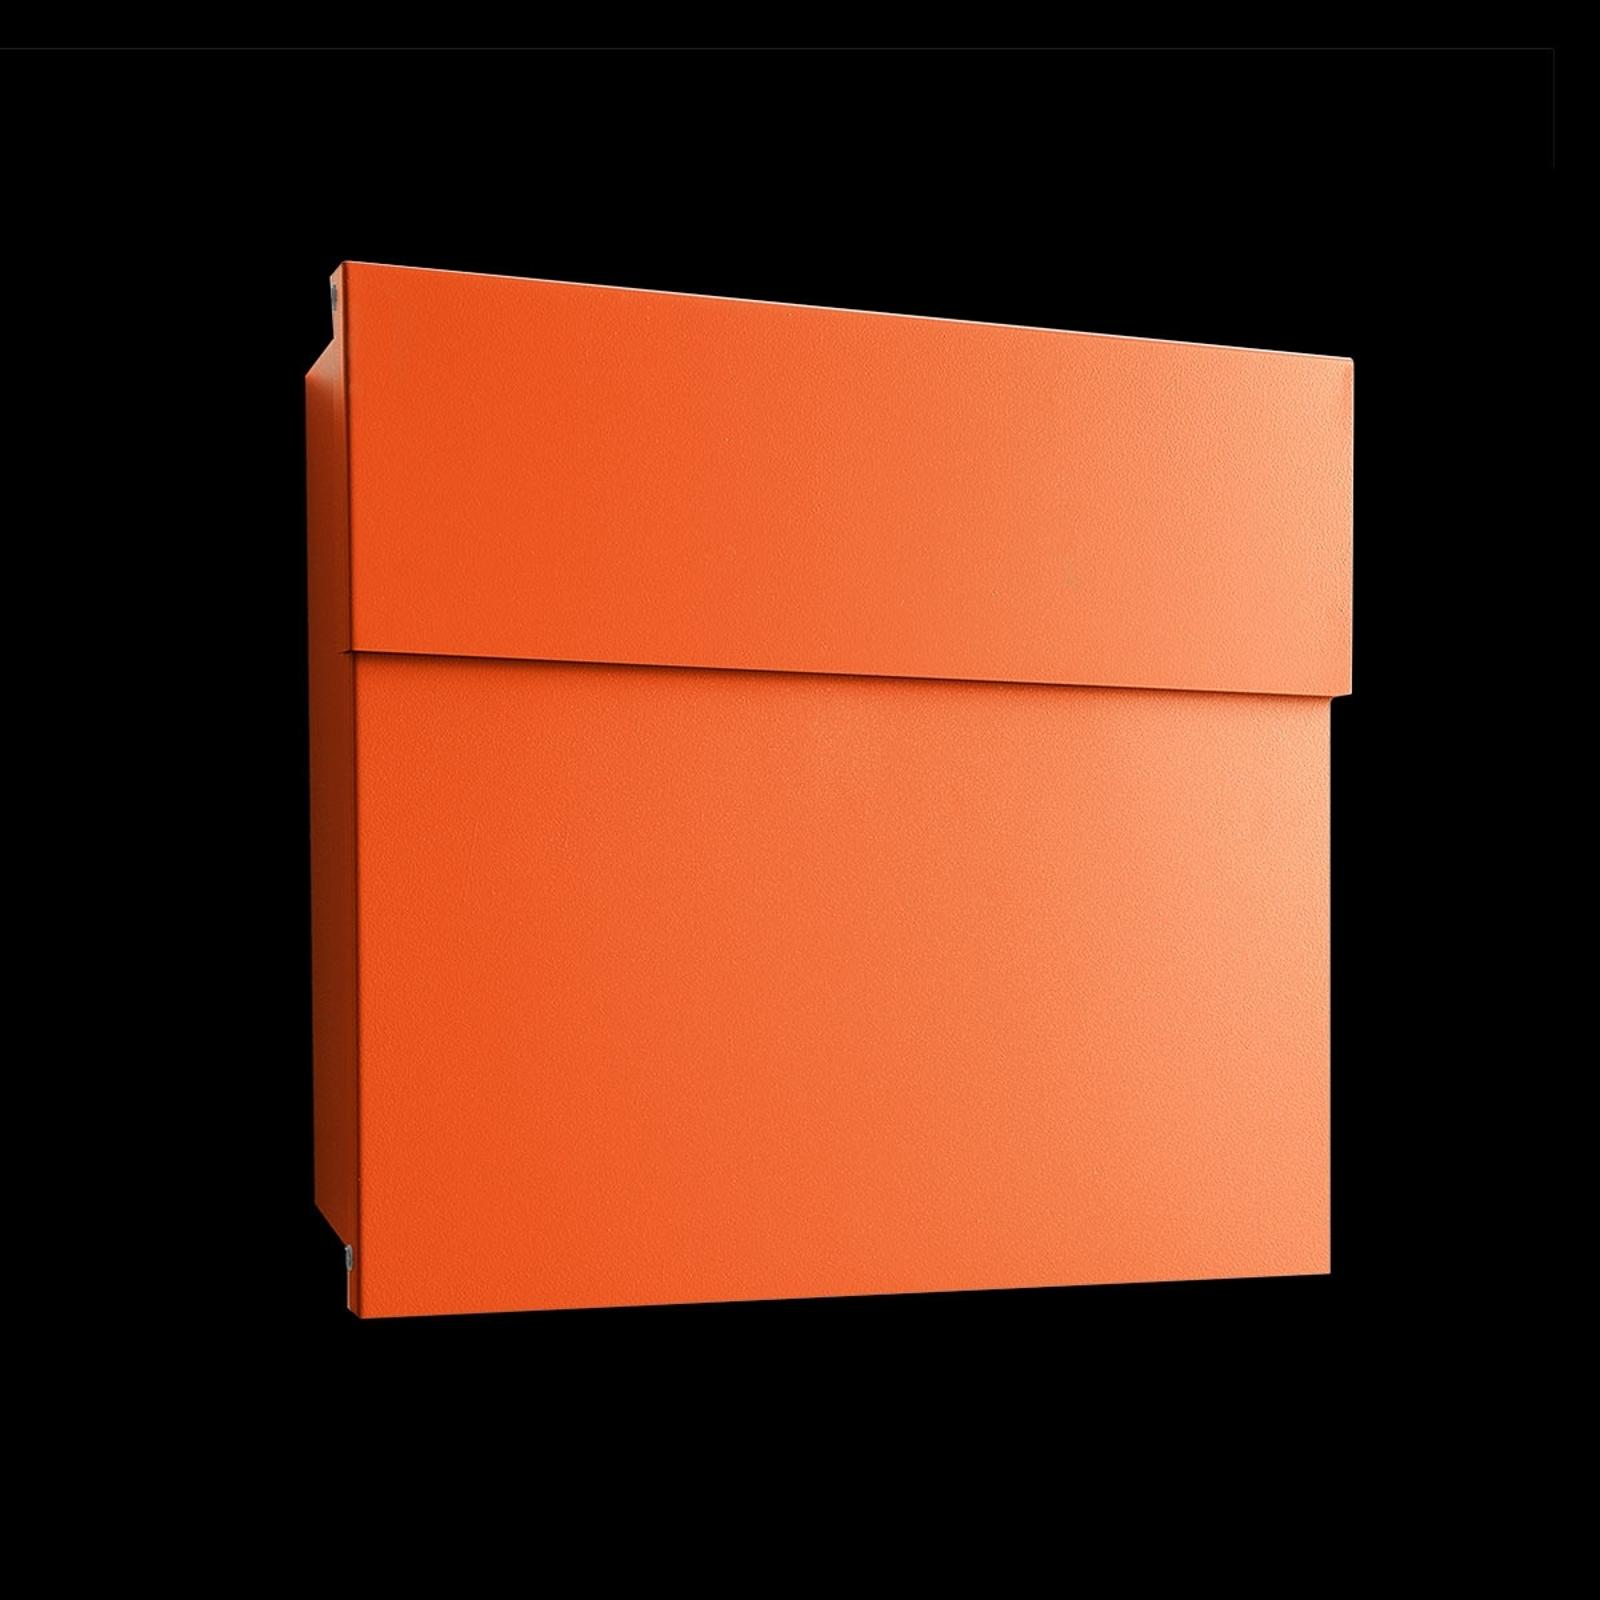 Skrzynka na listy LETTERMAN IV, pomarańczowa